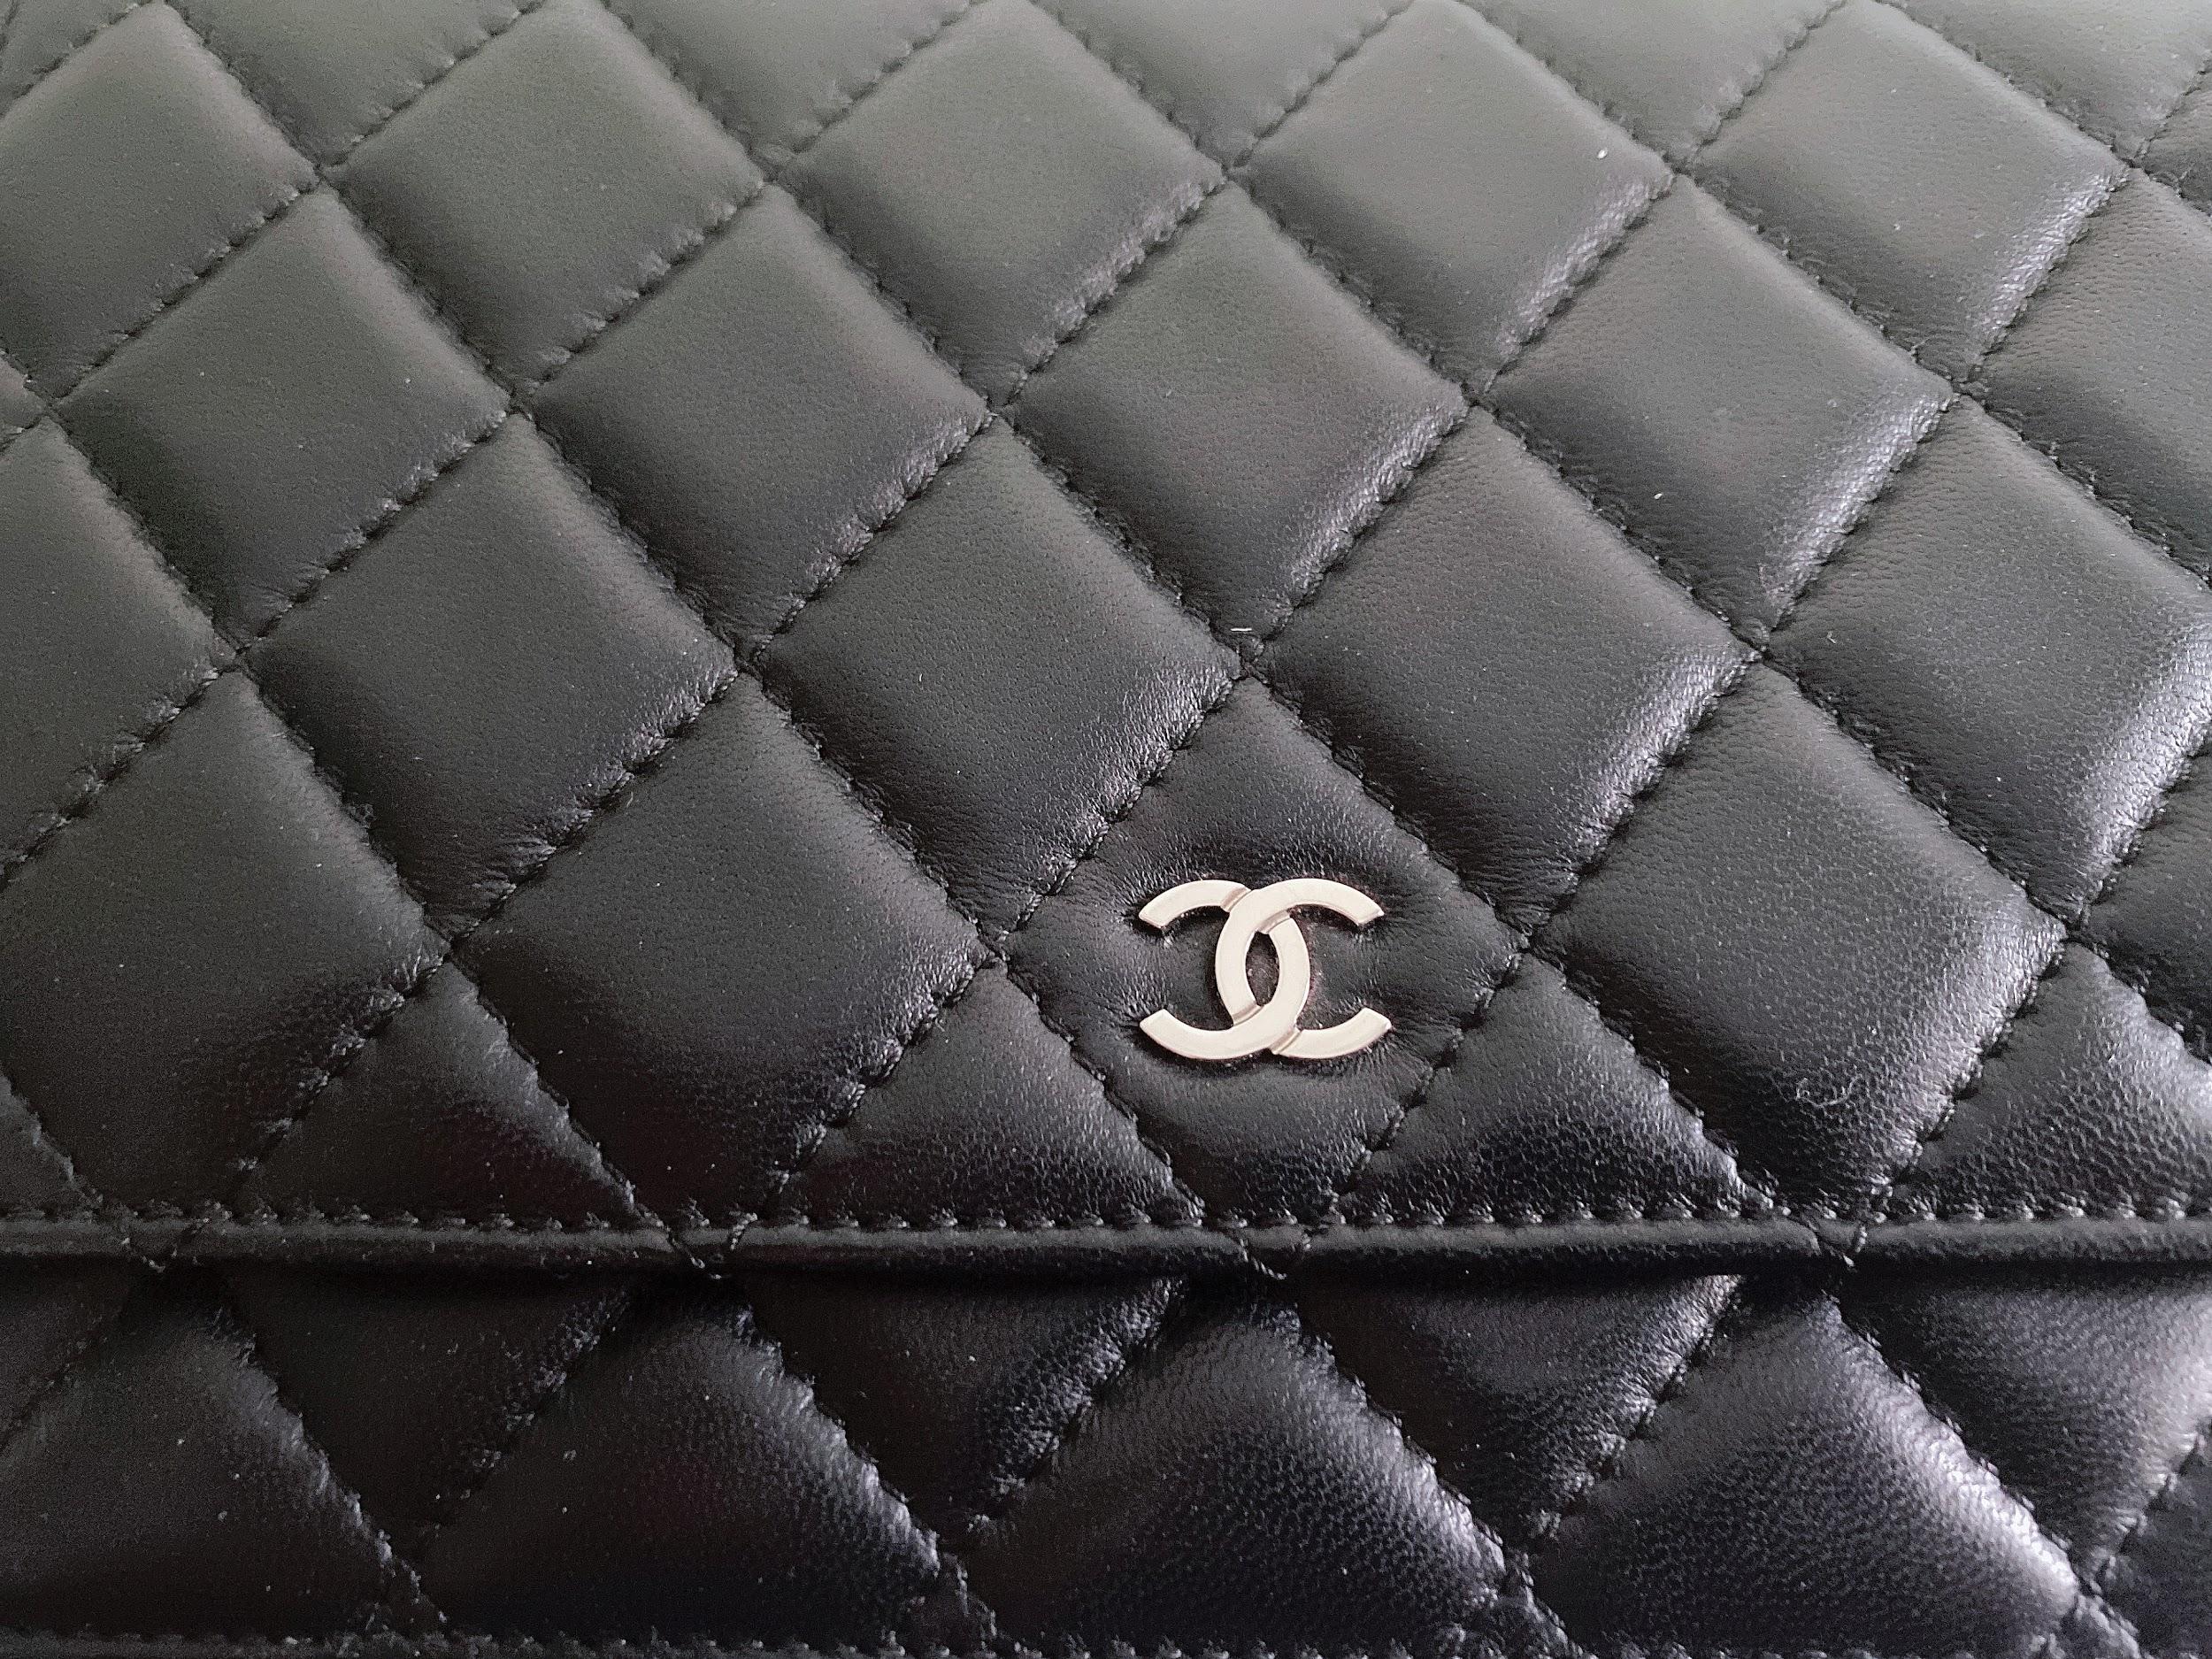 EM CHANGE Blog - Authentifizierung von Chanel